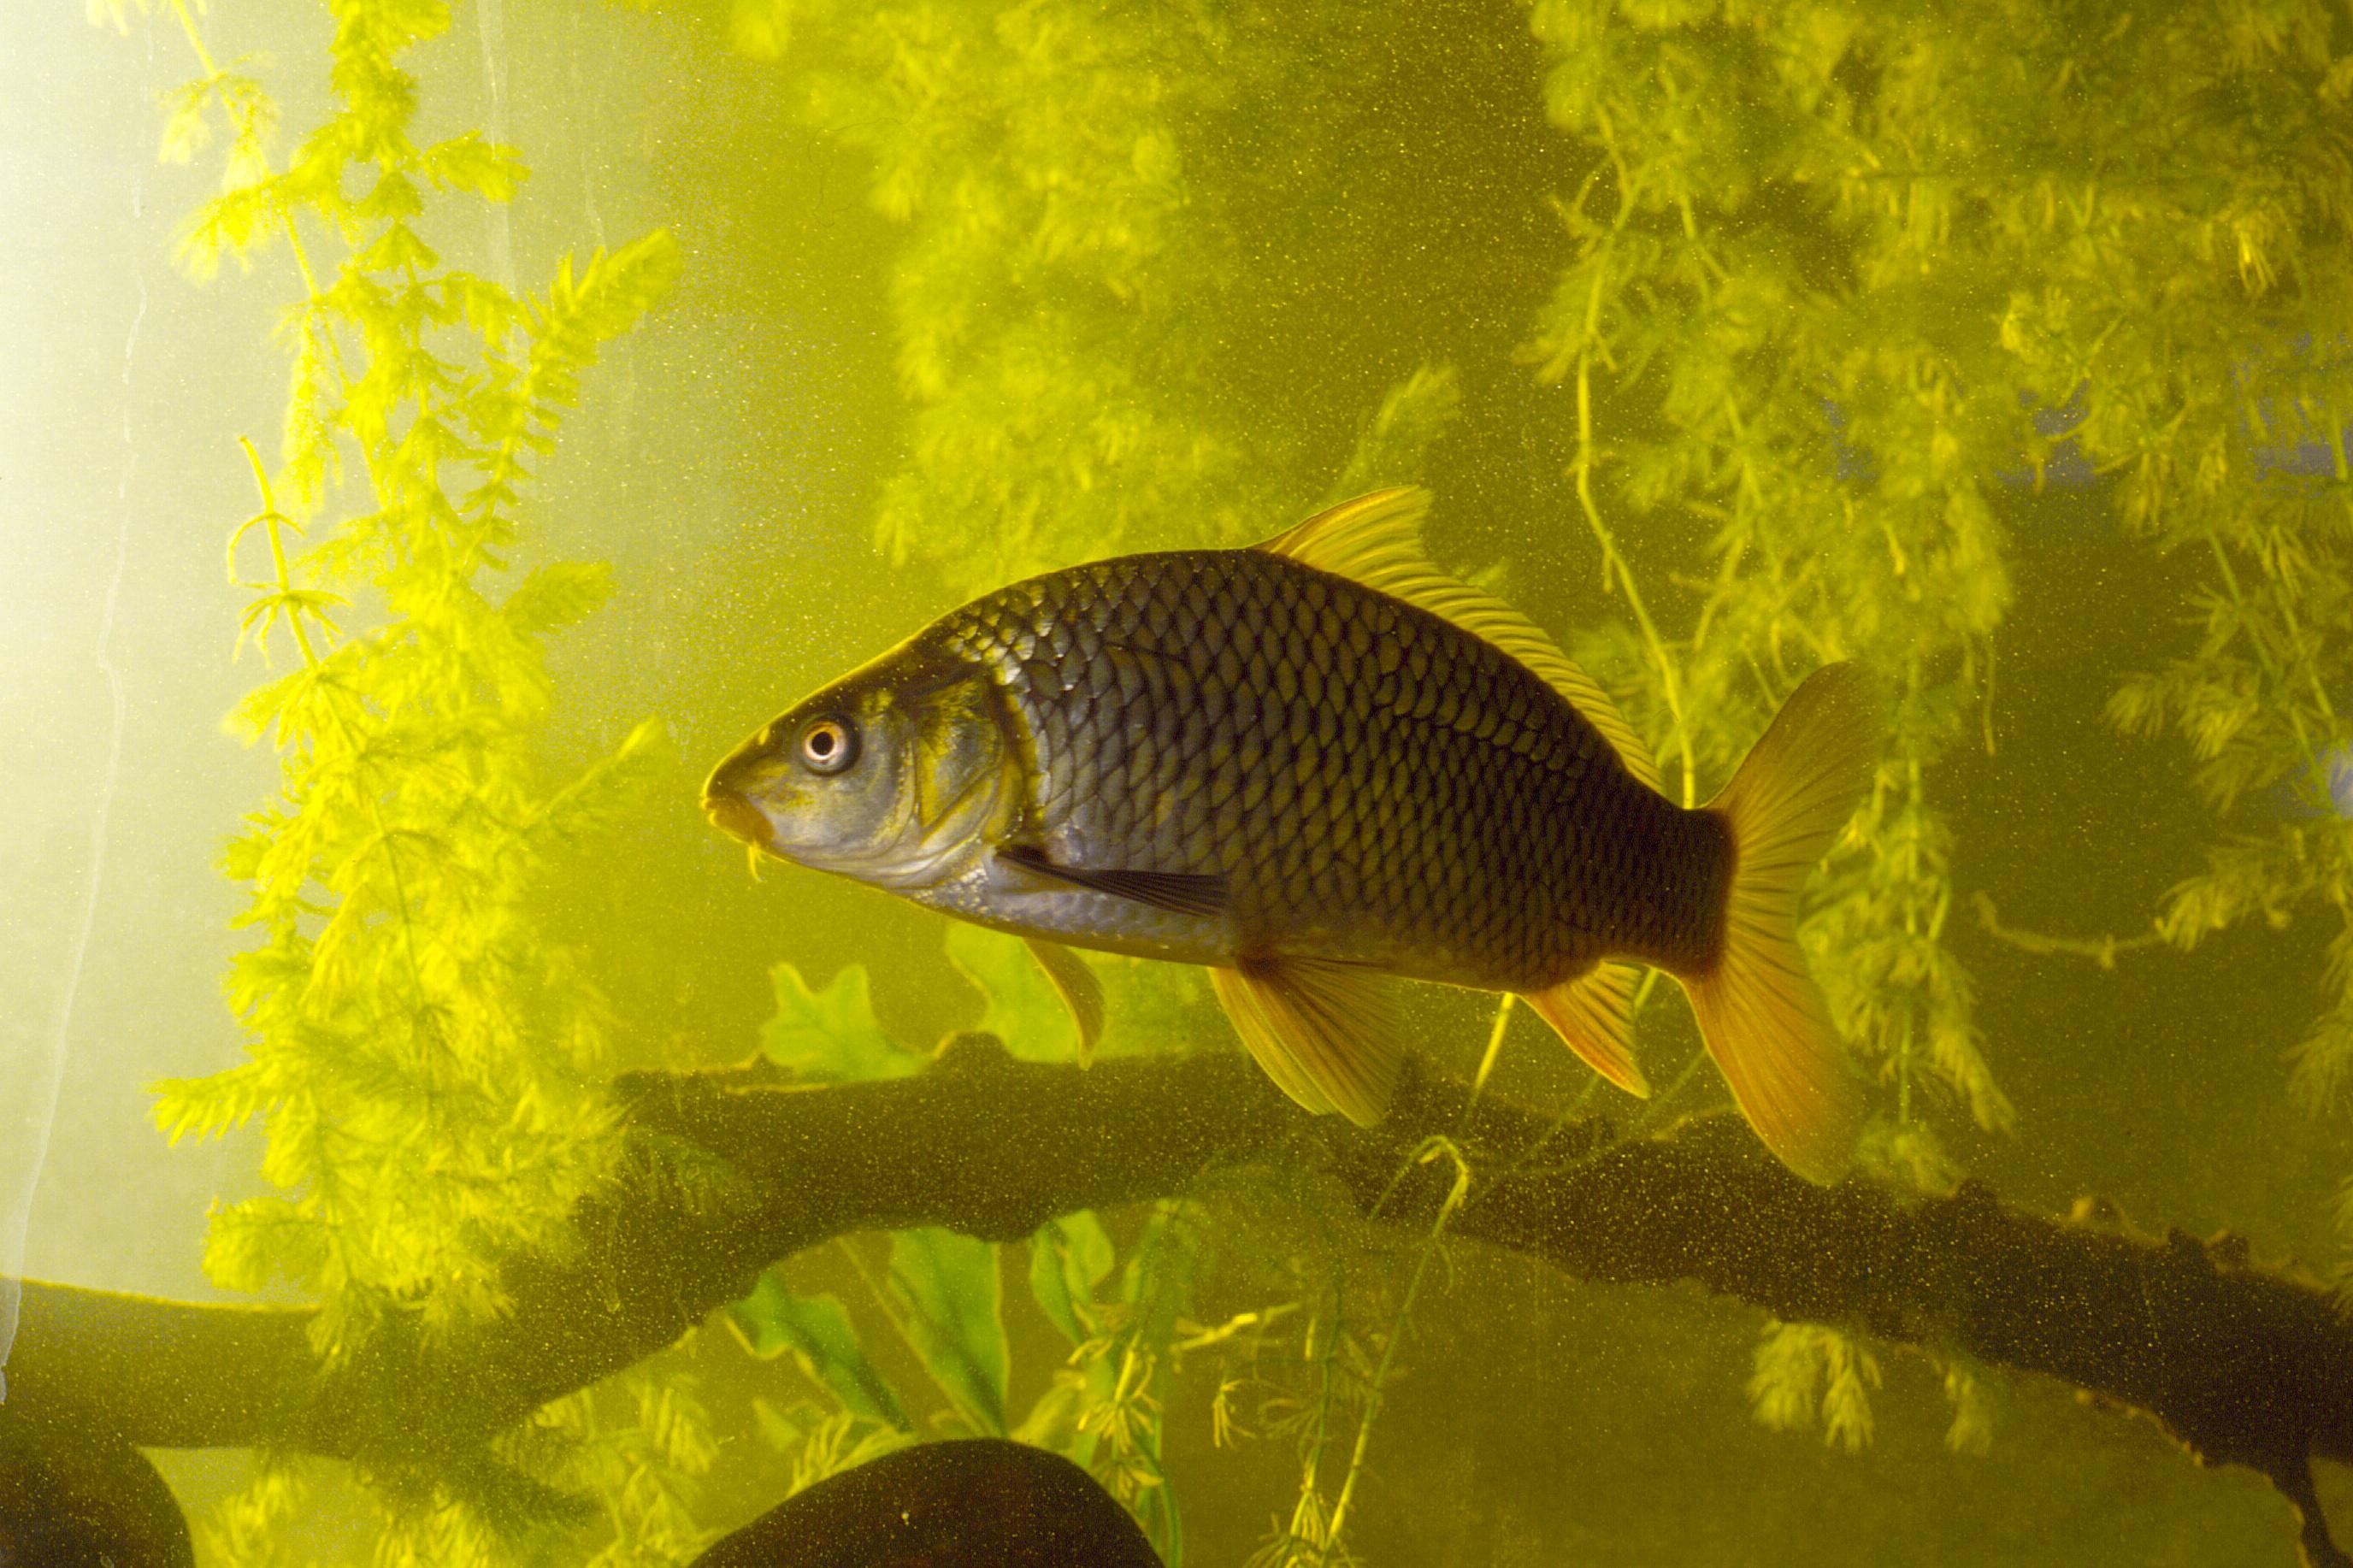 National Invasive Species Awareness Week